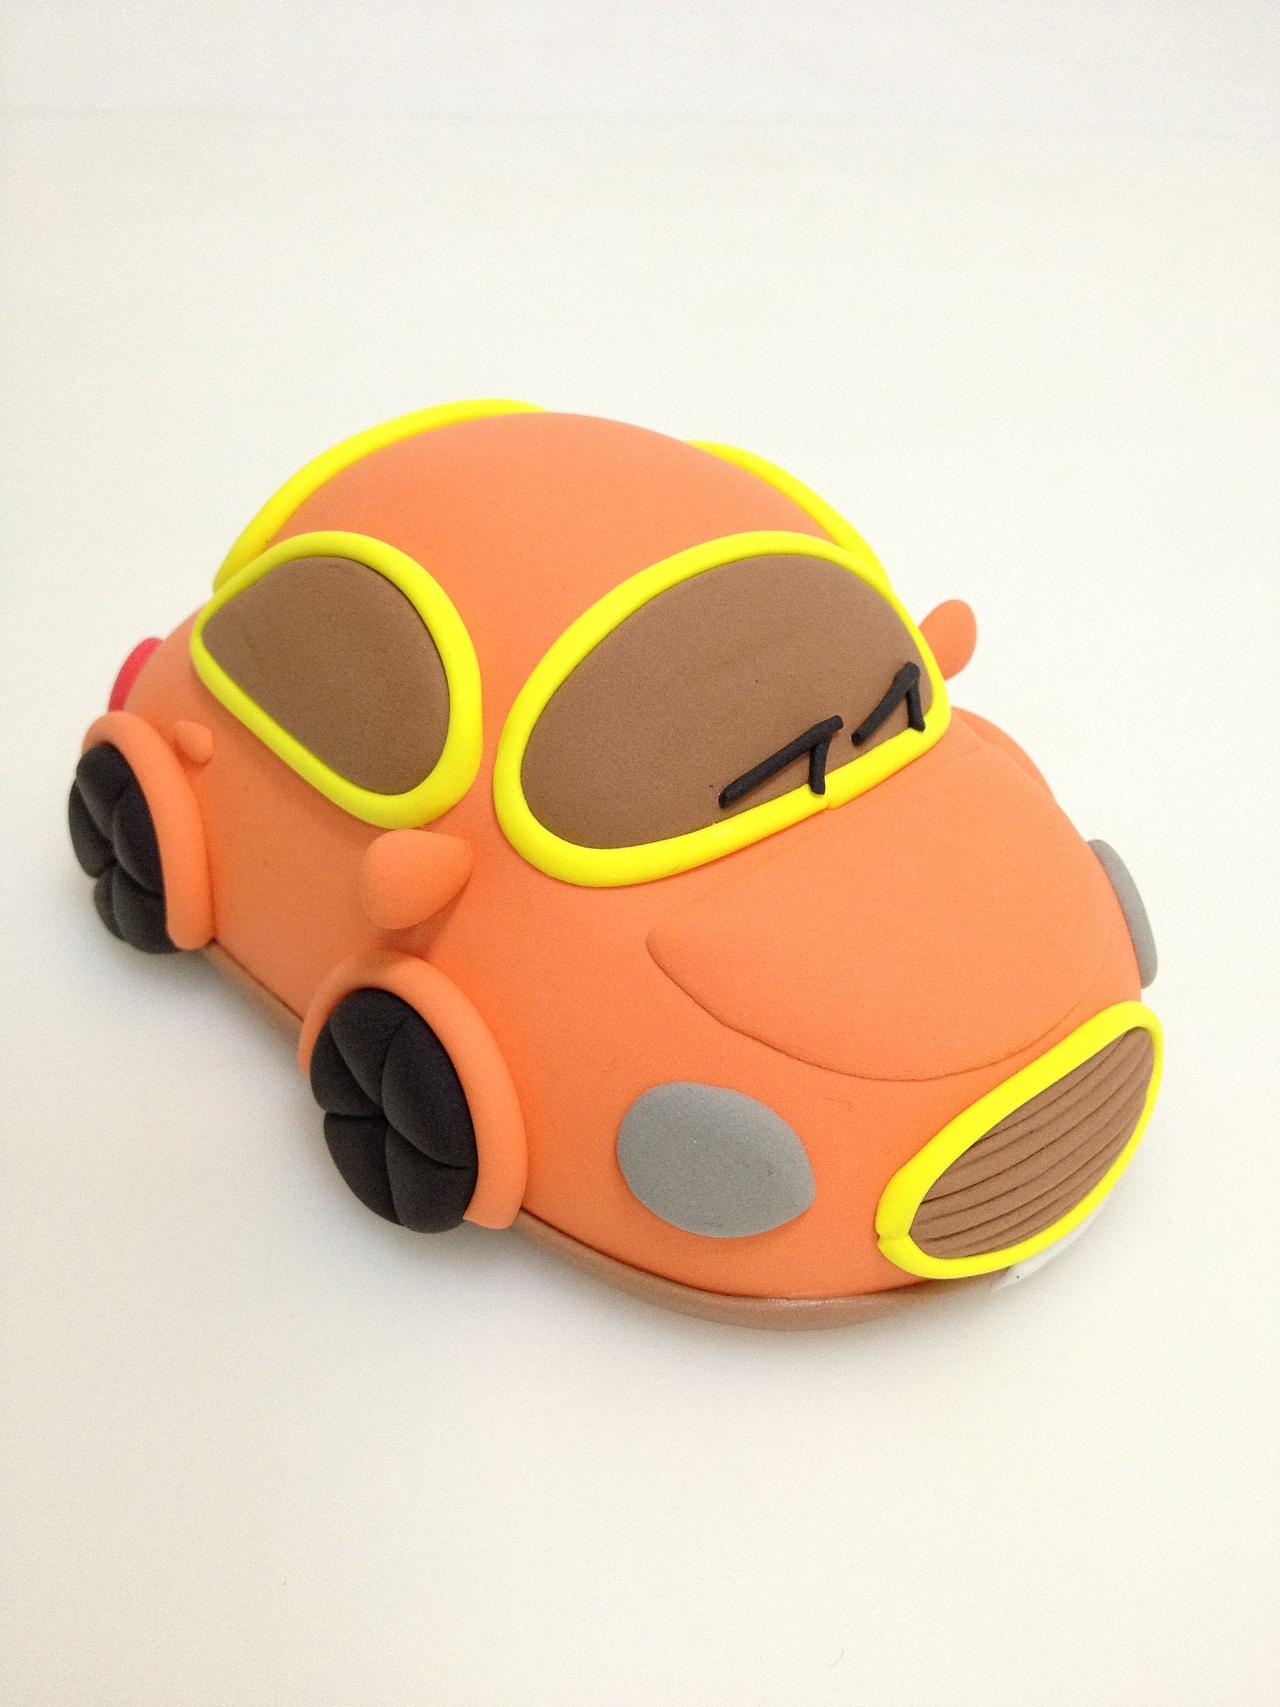 粘土制作小汽车